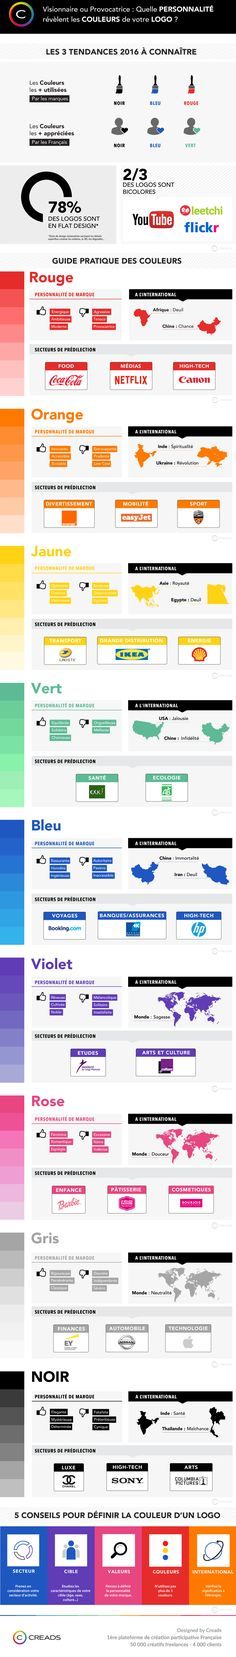 Marketing Et Communication : Comment Choisir Les Couleurs Du Logo D'une Marque D'entreprise. | Macondo Media I Entreprise Et Réseaux Sociaux